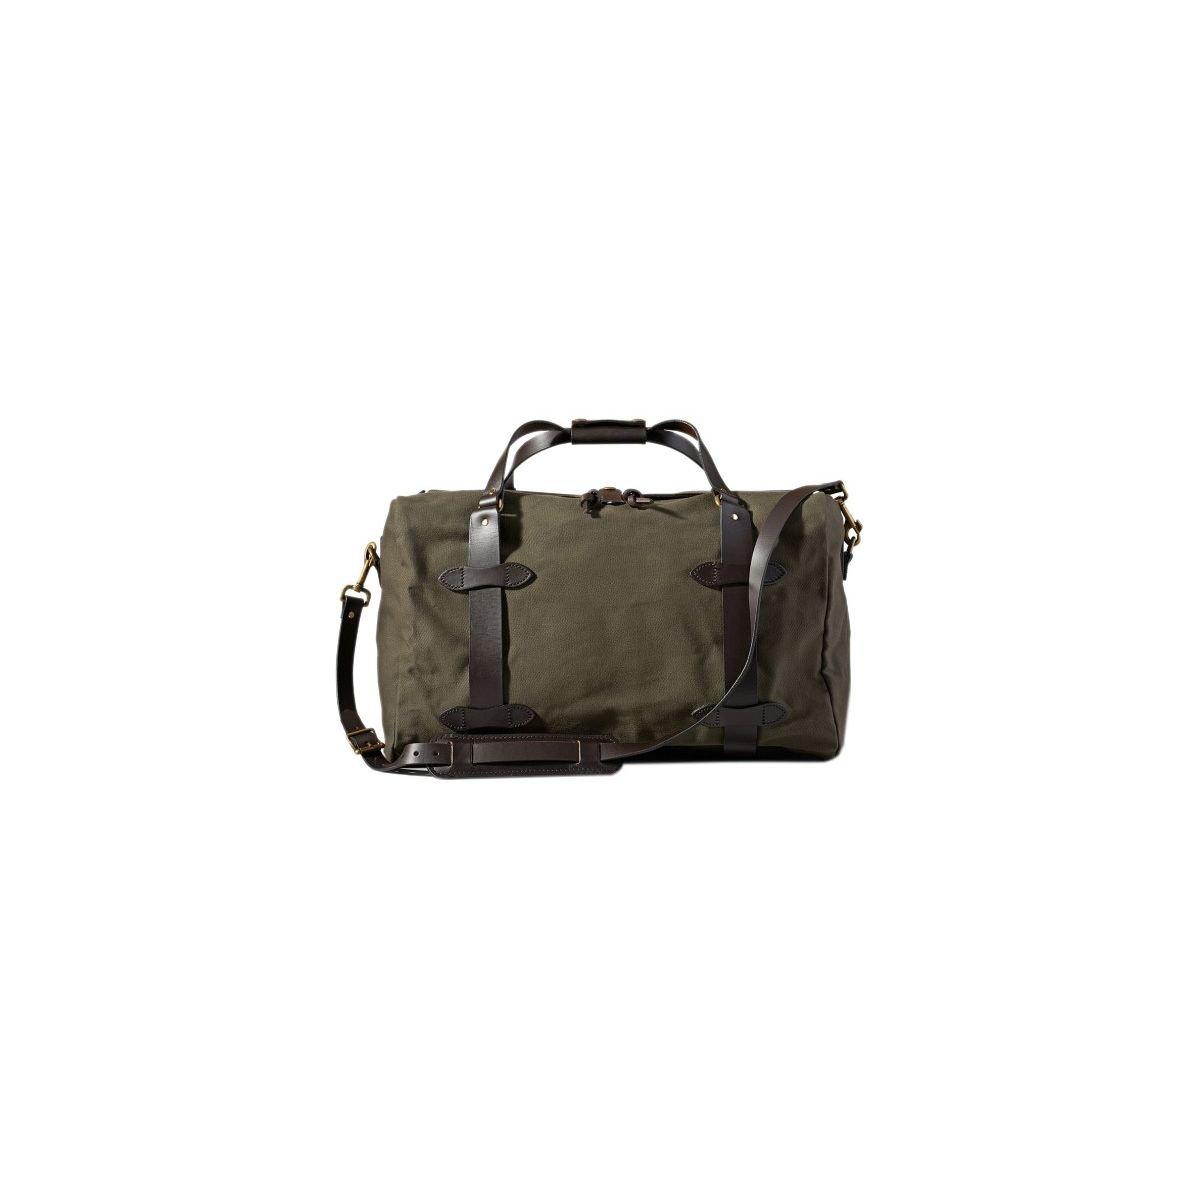 [フィルソン] メンズ ボストンバッグ Medium Twill 51L Duffel [並行輸入品] B07FN9JGPT  No-Size